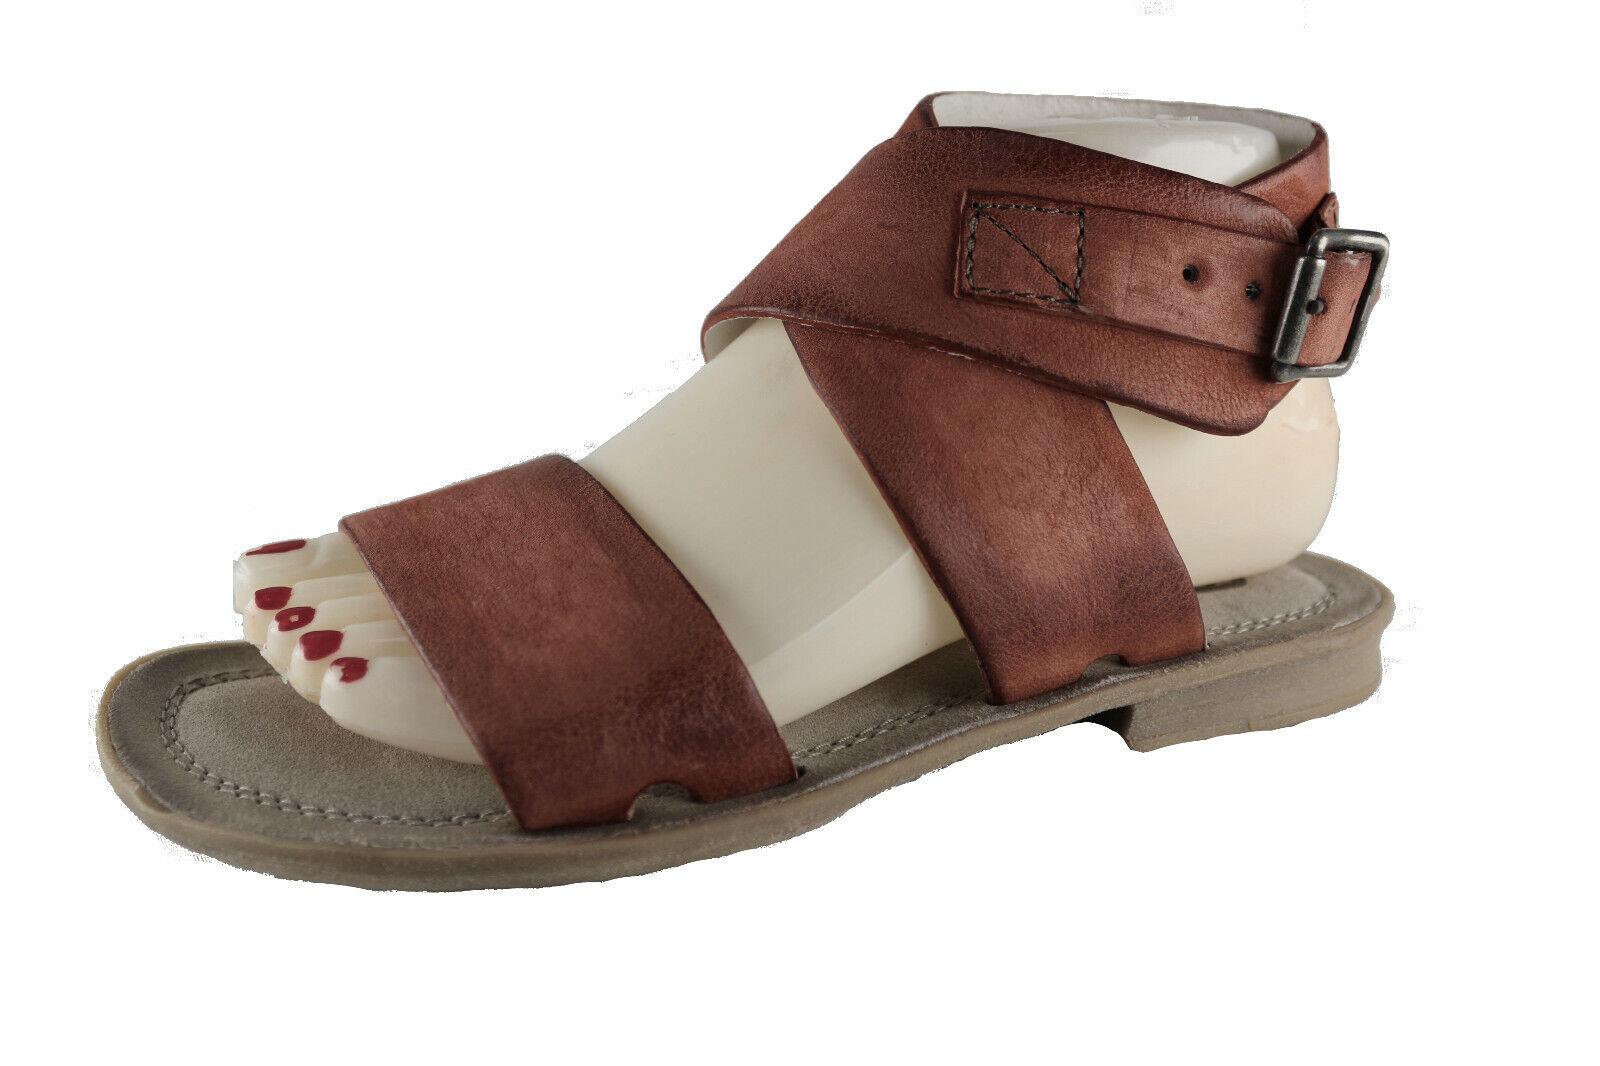 Mjus señora sandalias con tiras sandalias Antik Color marrón-rojizo talla 37  nuevo  (172)